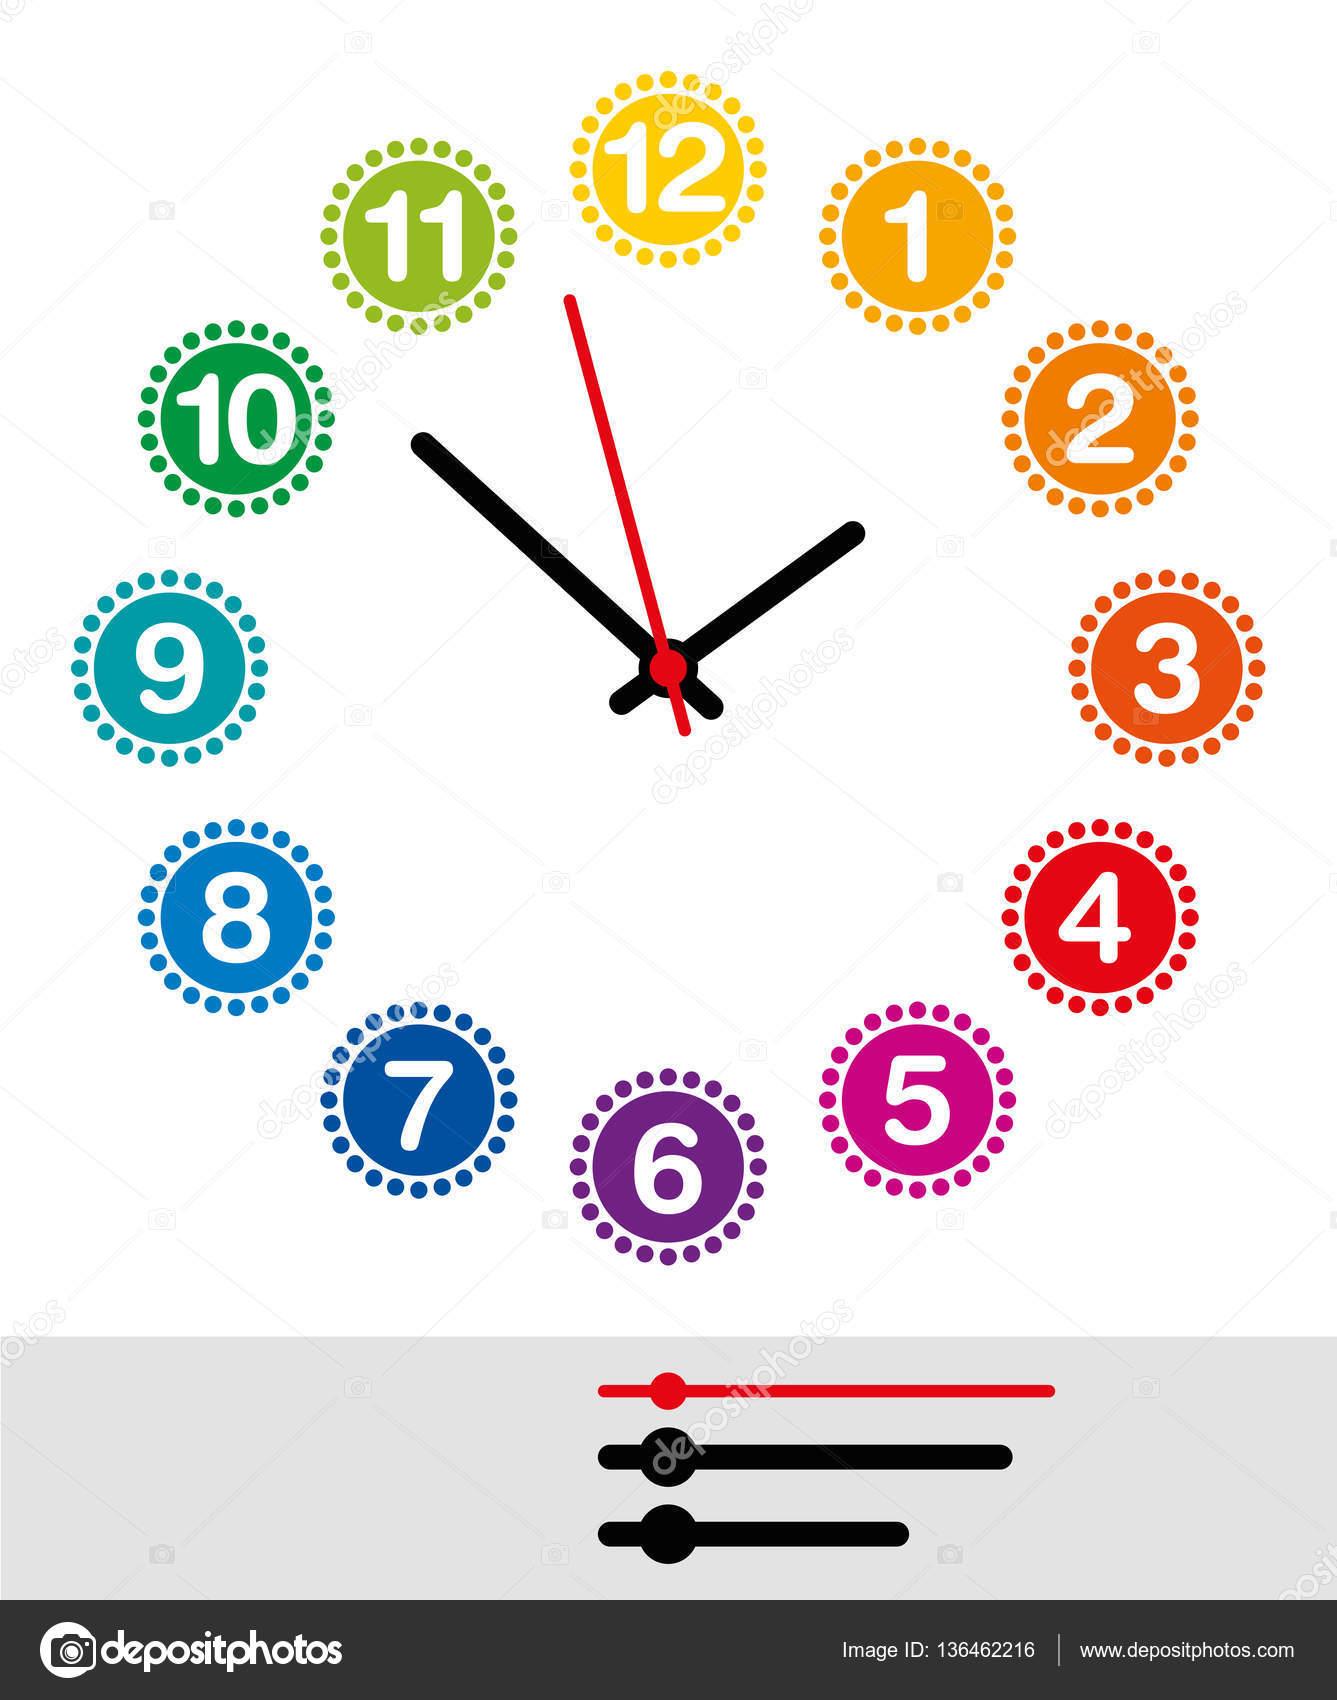 e222d9f58c Arco-íris colorido mostrador de relógio com números de um a doze. Analógico  mostrador de relógio e com ponteiros pretos e vermelhos, mostrando as horas,  ...